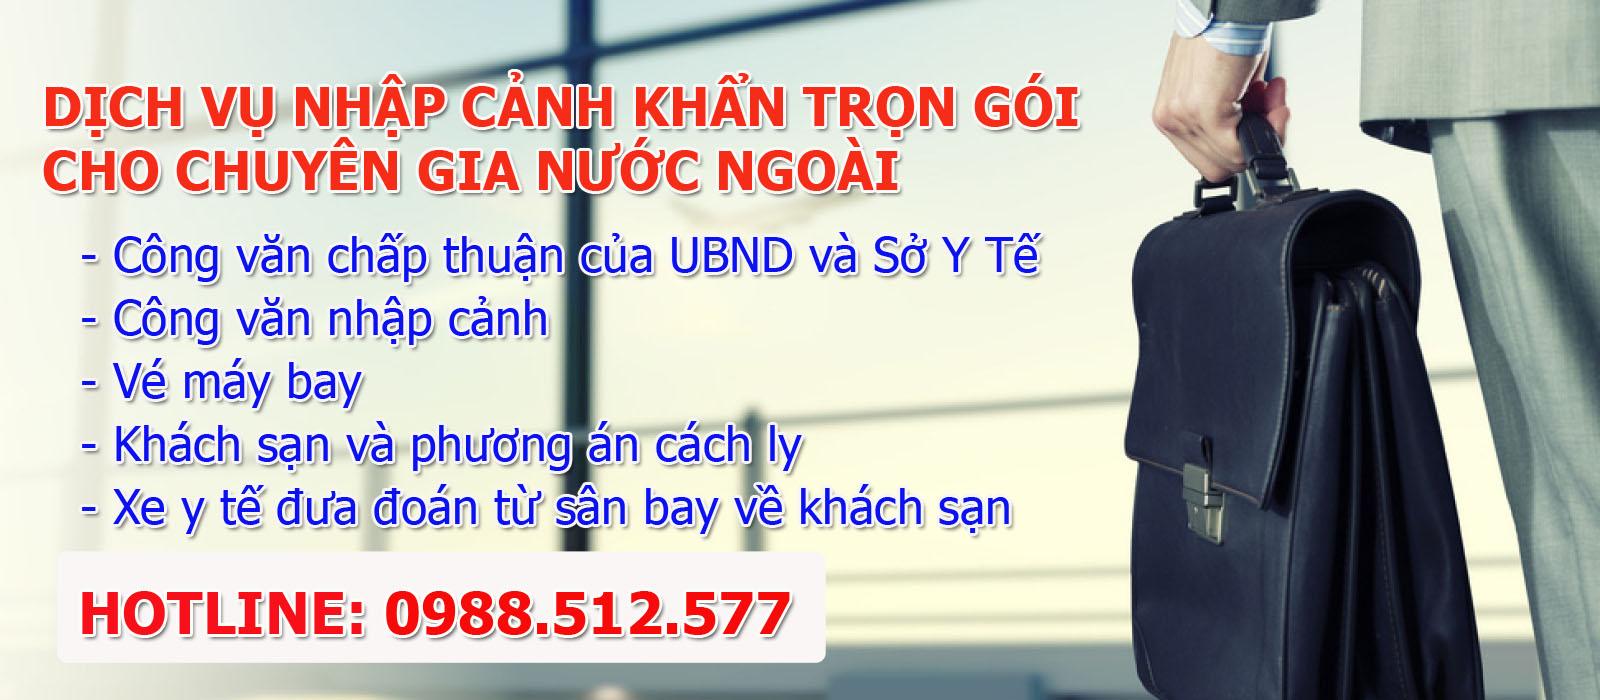 dich-vu-tron-goi-chuyen-gia-nuoc-ngoai-nhap-canh-vao-viet-nam